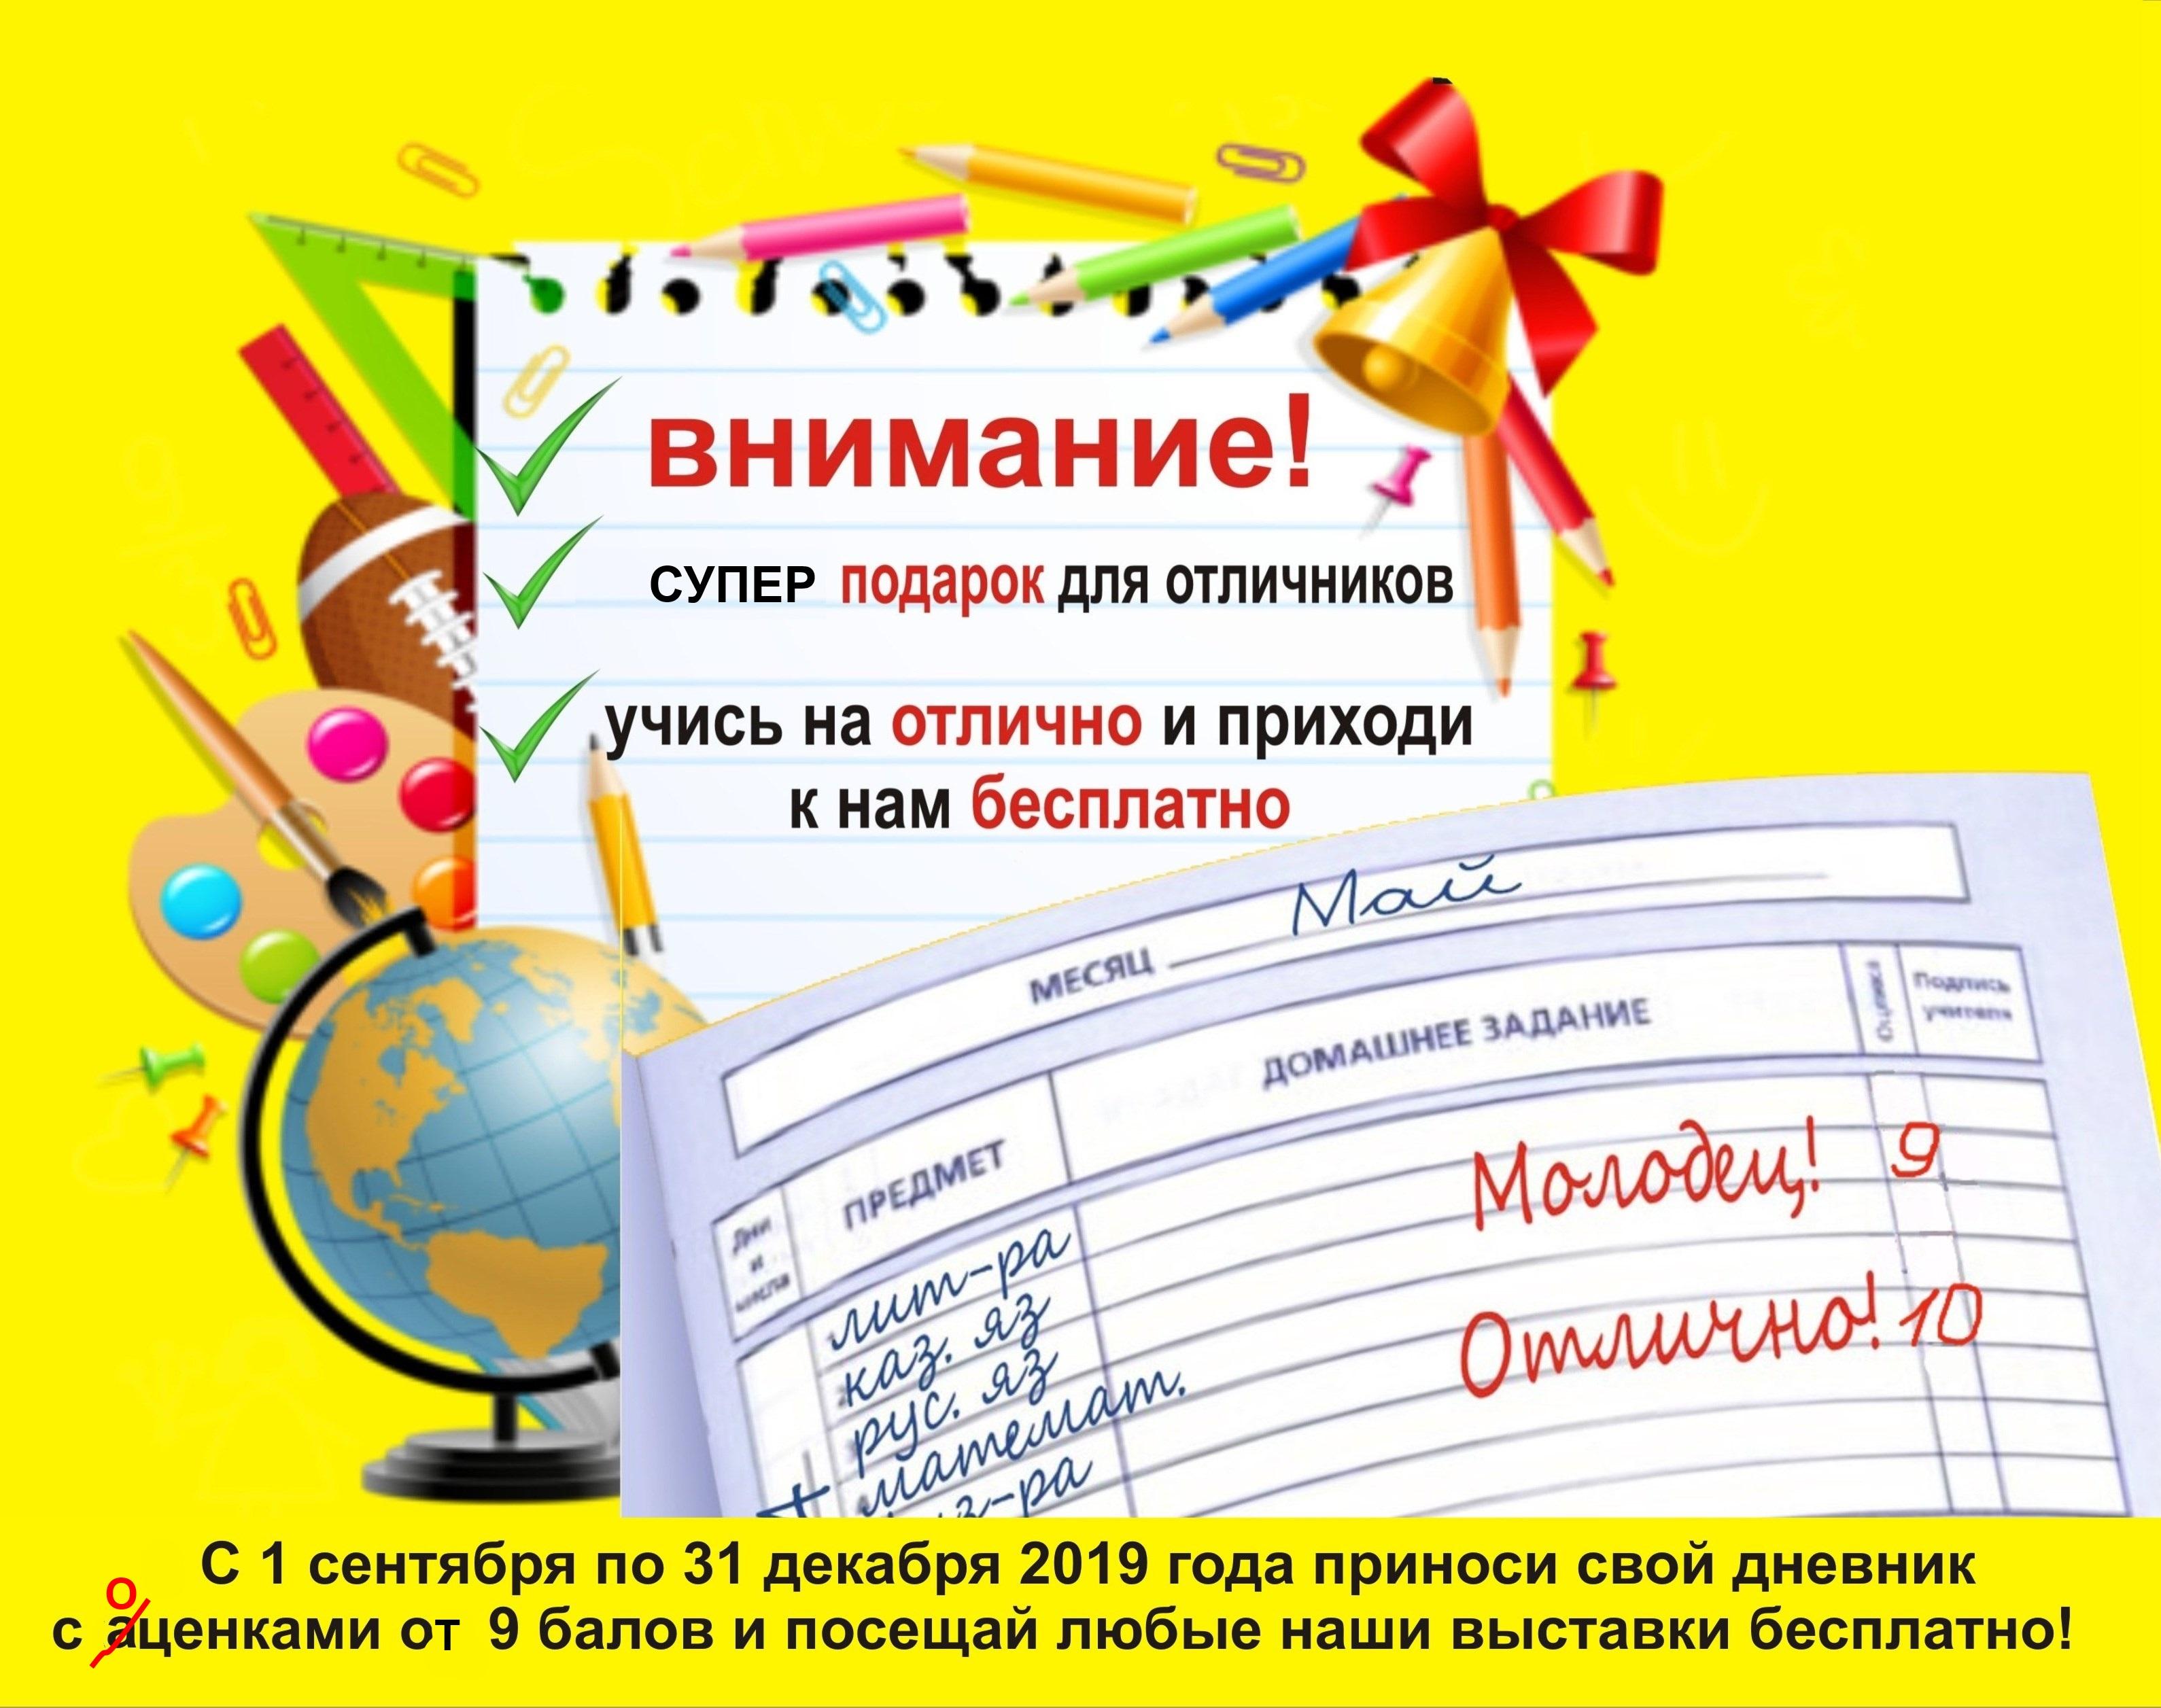 В НОВЫЙ УЧЕБНЫЙ ГОД- С НОВОЙ АКЦИЕЙ!